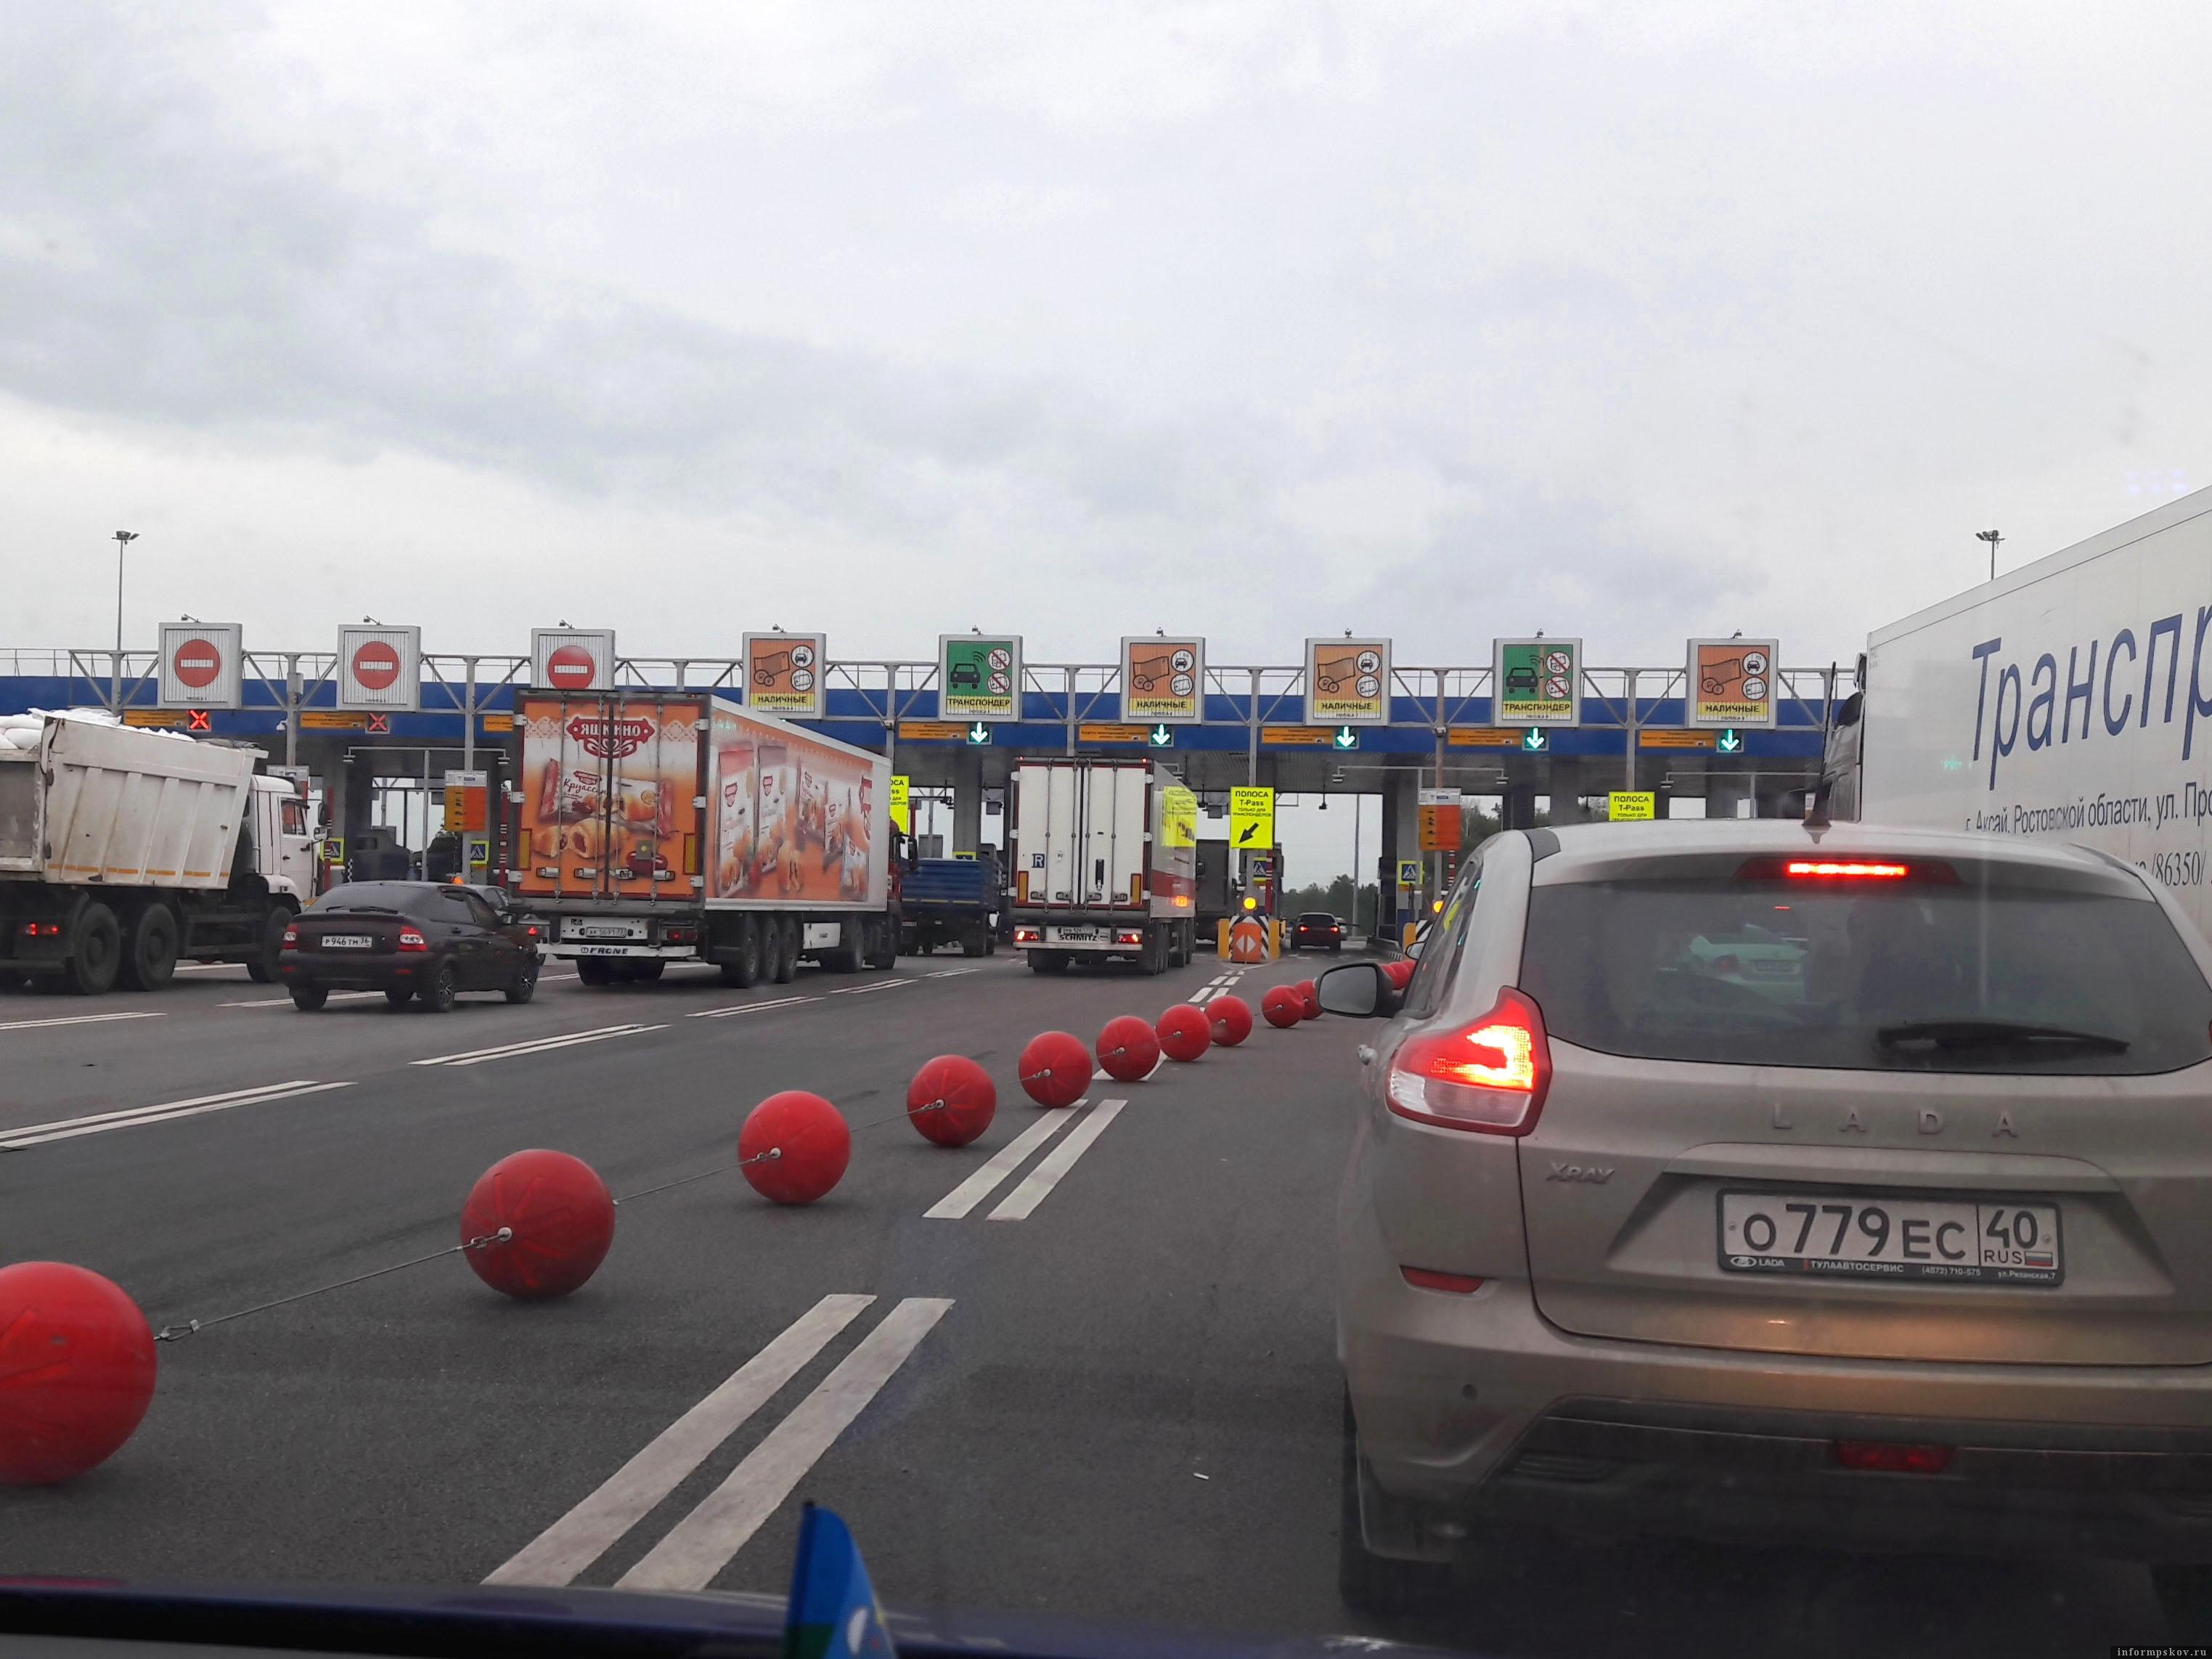 ПВП – пункт взимания платы. Платных участков на автомагистрали «Дон» с каждым годом все больше. За проезд от Ельца до Краснодара я заплатил 1300  руб. Фото автора.